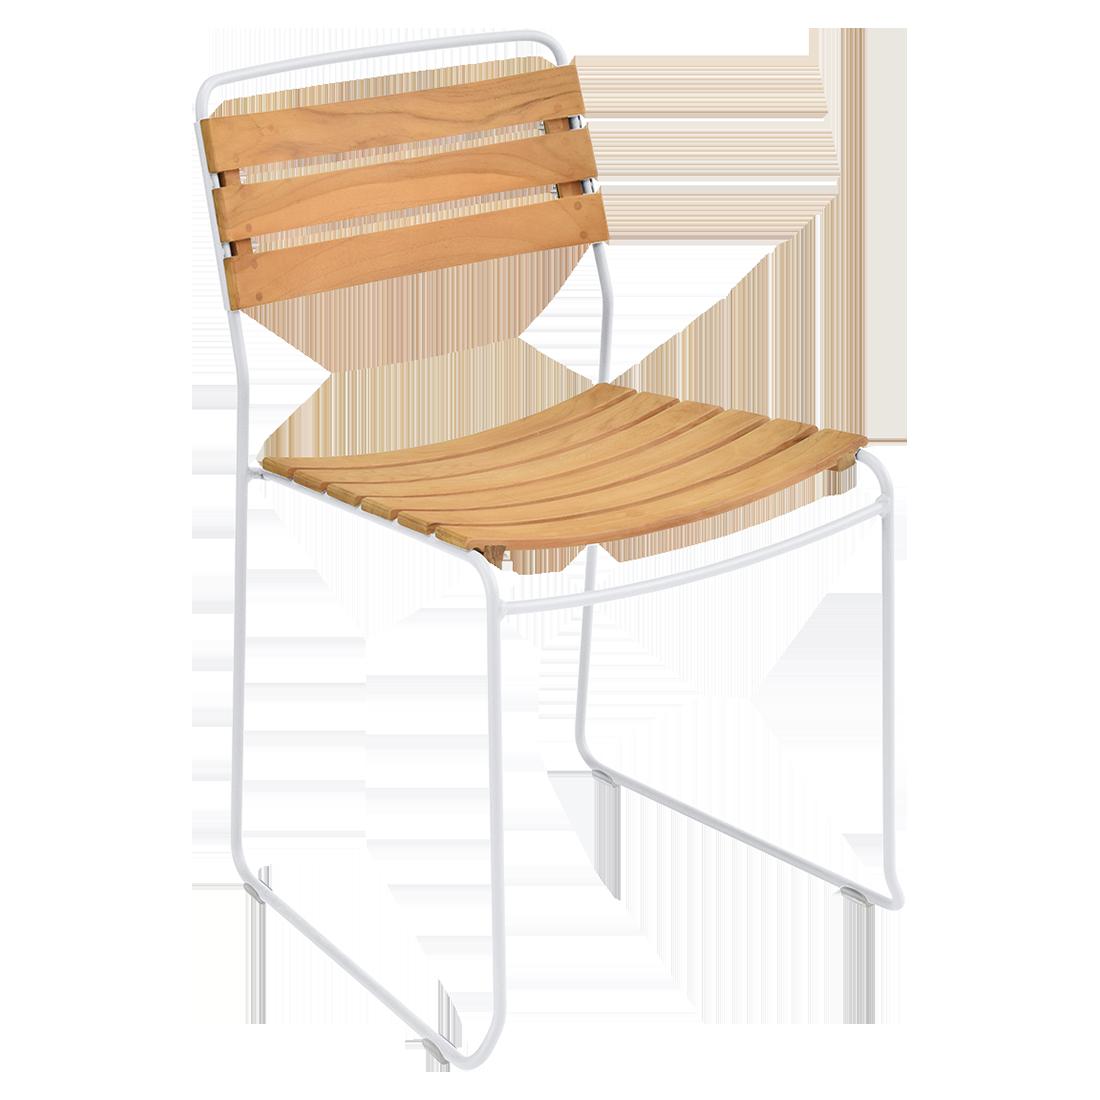 chaise surprising, chaise fermob, chaise bois et metal, chaise de jardin, chaise design, chaise bois et blanc, guggenbichler